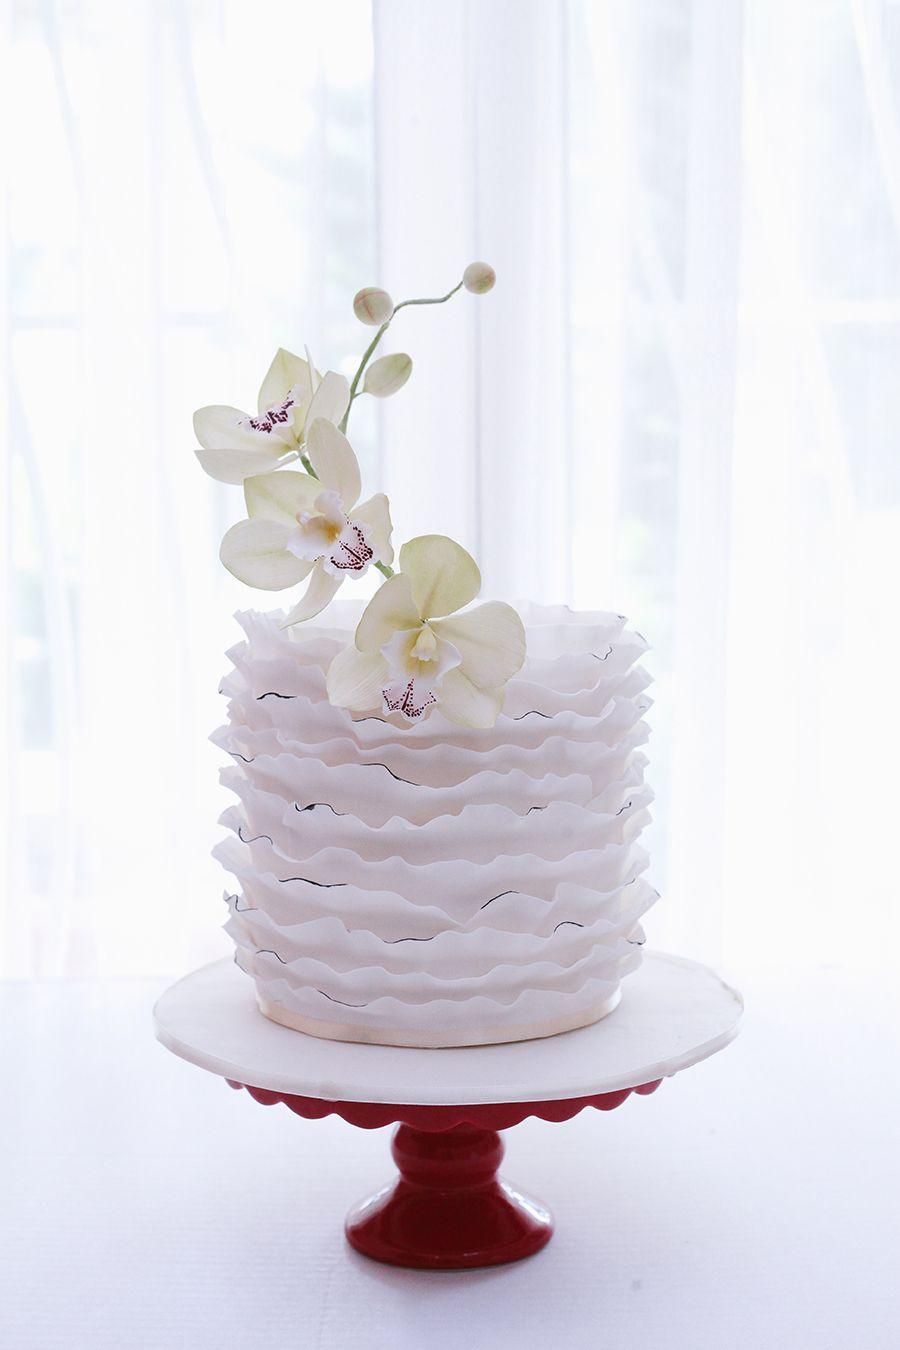 Top 10 Wedding Cake Creators in Malaysia - Part 2 | Malaysia ...